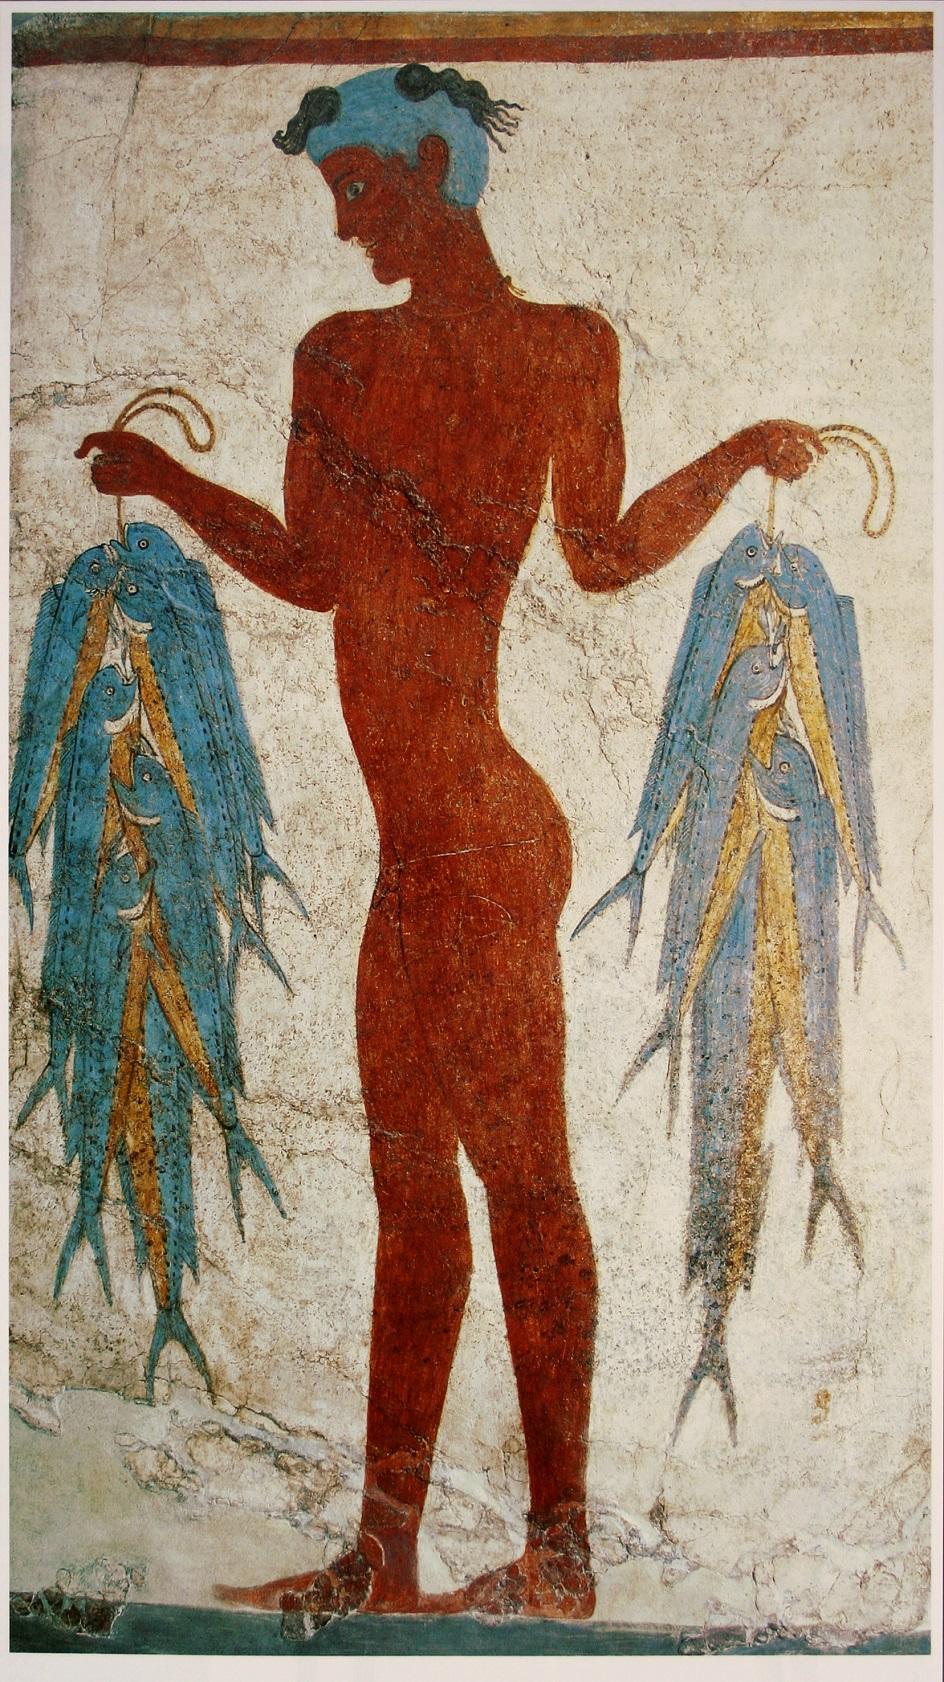 Τοιχογραφία. Η τοιχογραφία ενός υπουργείου πολιτισμού από τη Σαντορίνη. XVII αιώνα π.Χ.